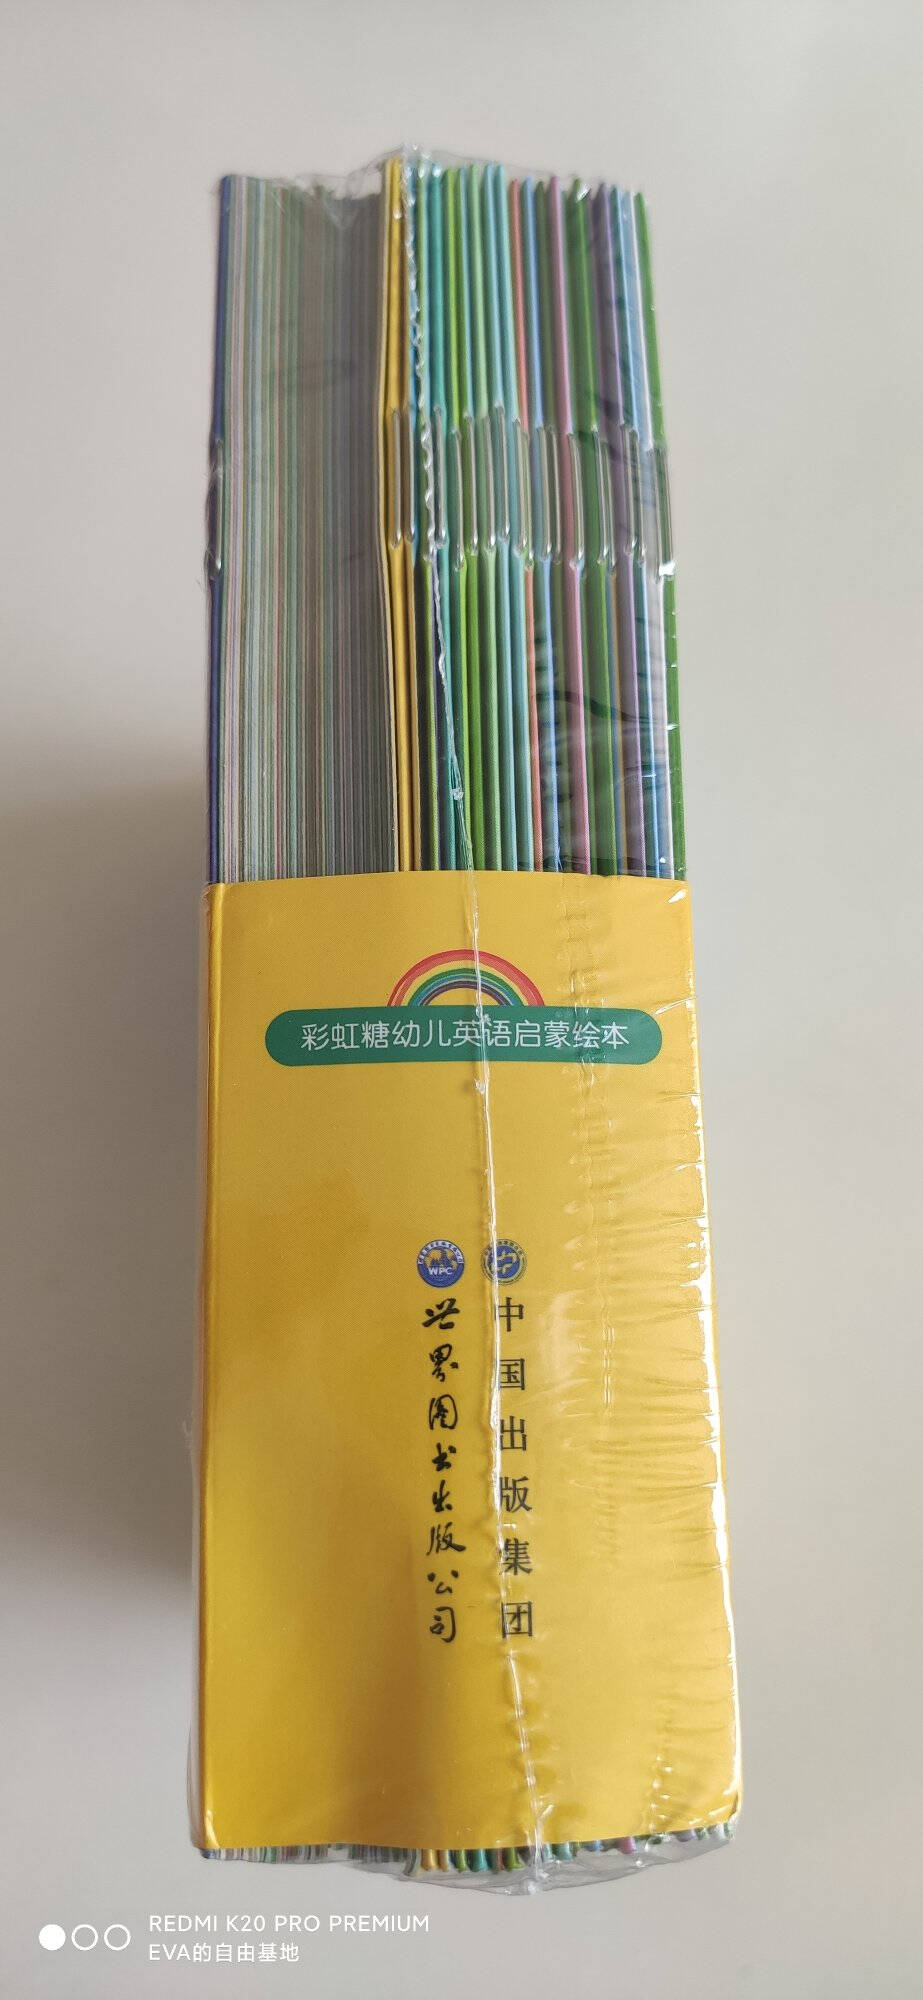 彩虹糖幼儿英语启蒙绘本基础级(40册)英语分级阅读绘本配置音频2-4岁适读新东方童书